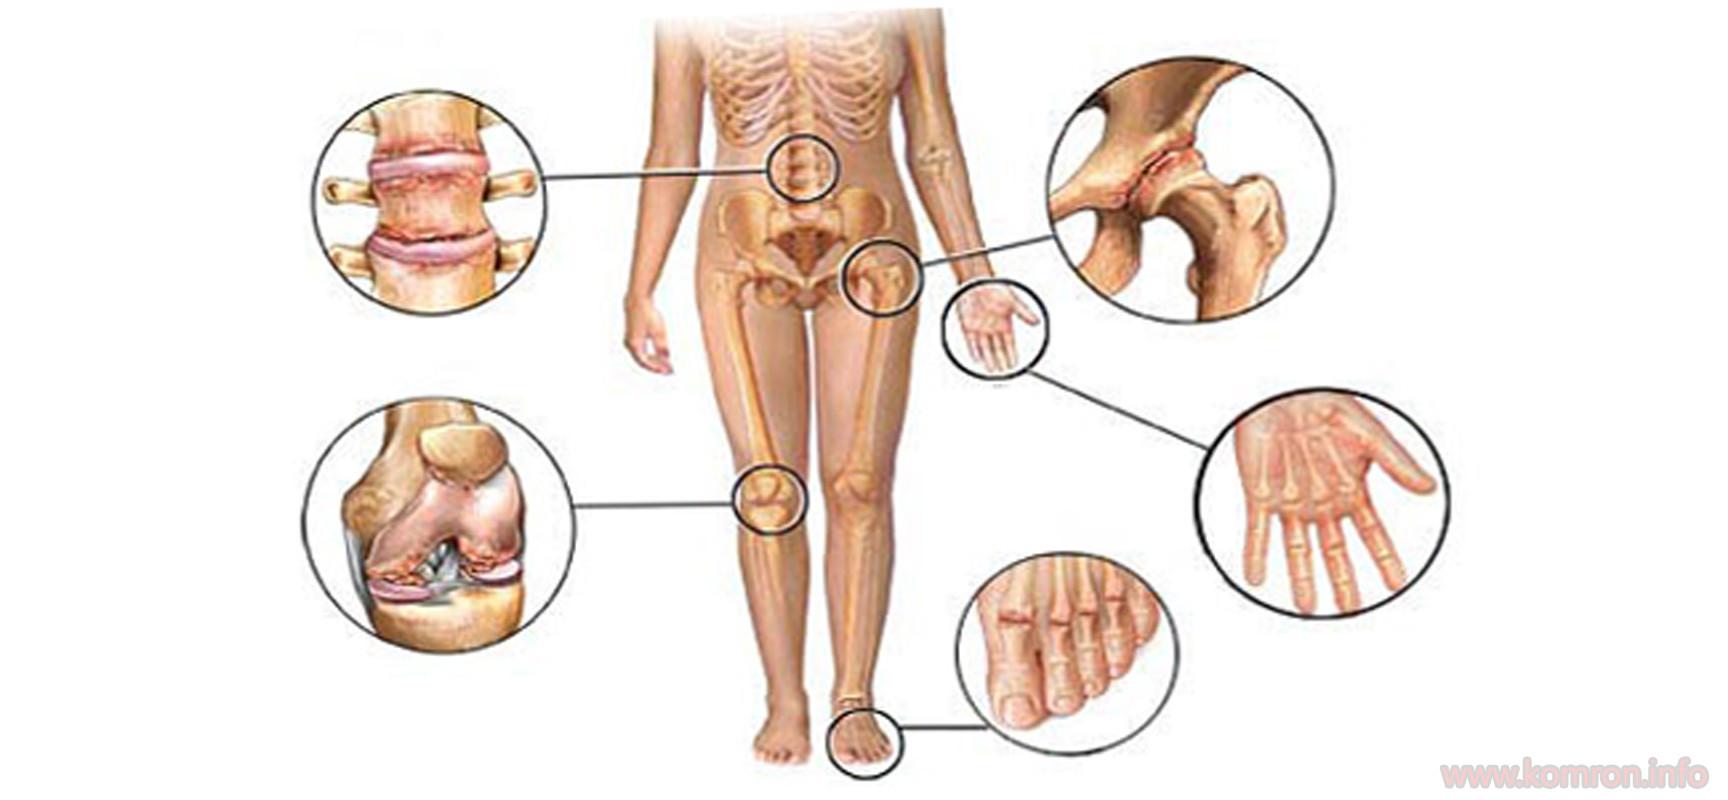 sovremennaya-artrologiya-1728x800_c